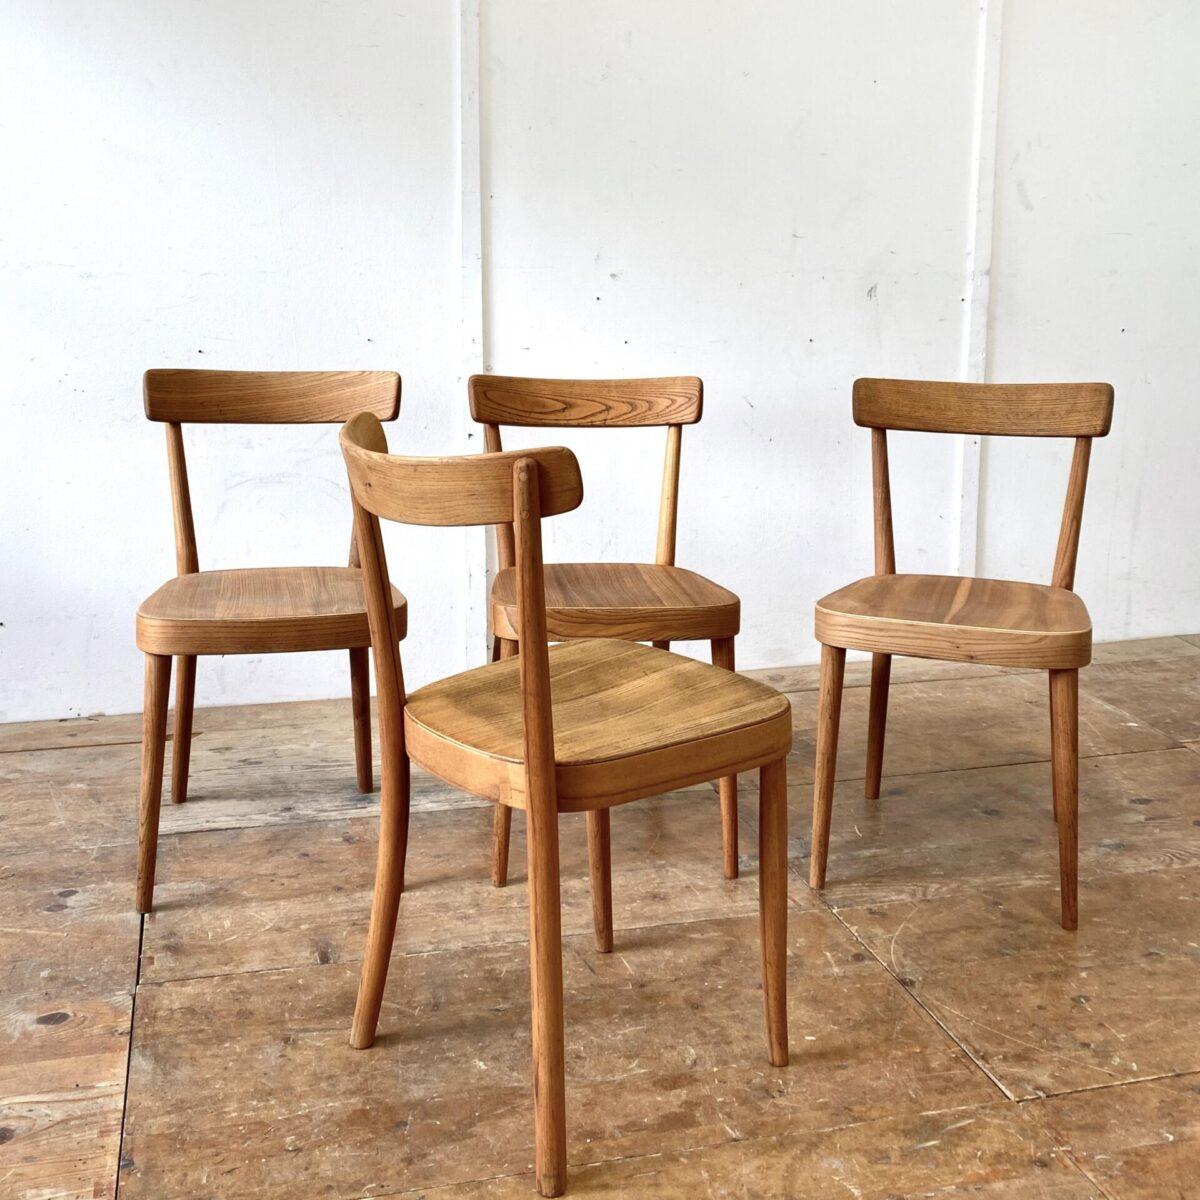 Deuxieme.shop rare Max Moser Stühle designklassiker. Horgenglarus Stühle von Max Moser in Ulmenholz Ausführung. Die Stühle sind restauriert und geölt, die einzelpreise variieren von 350.- bis 550.- da es teilweise Furnier flicke hat.